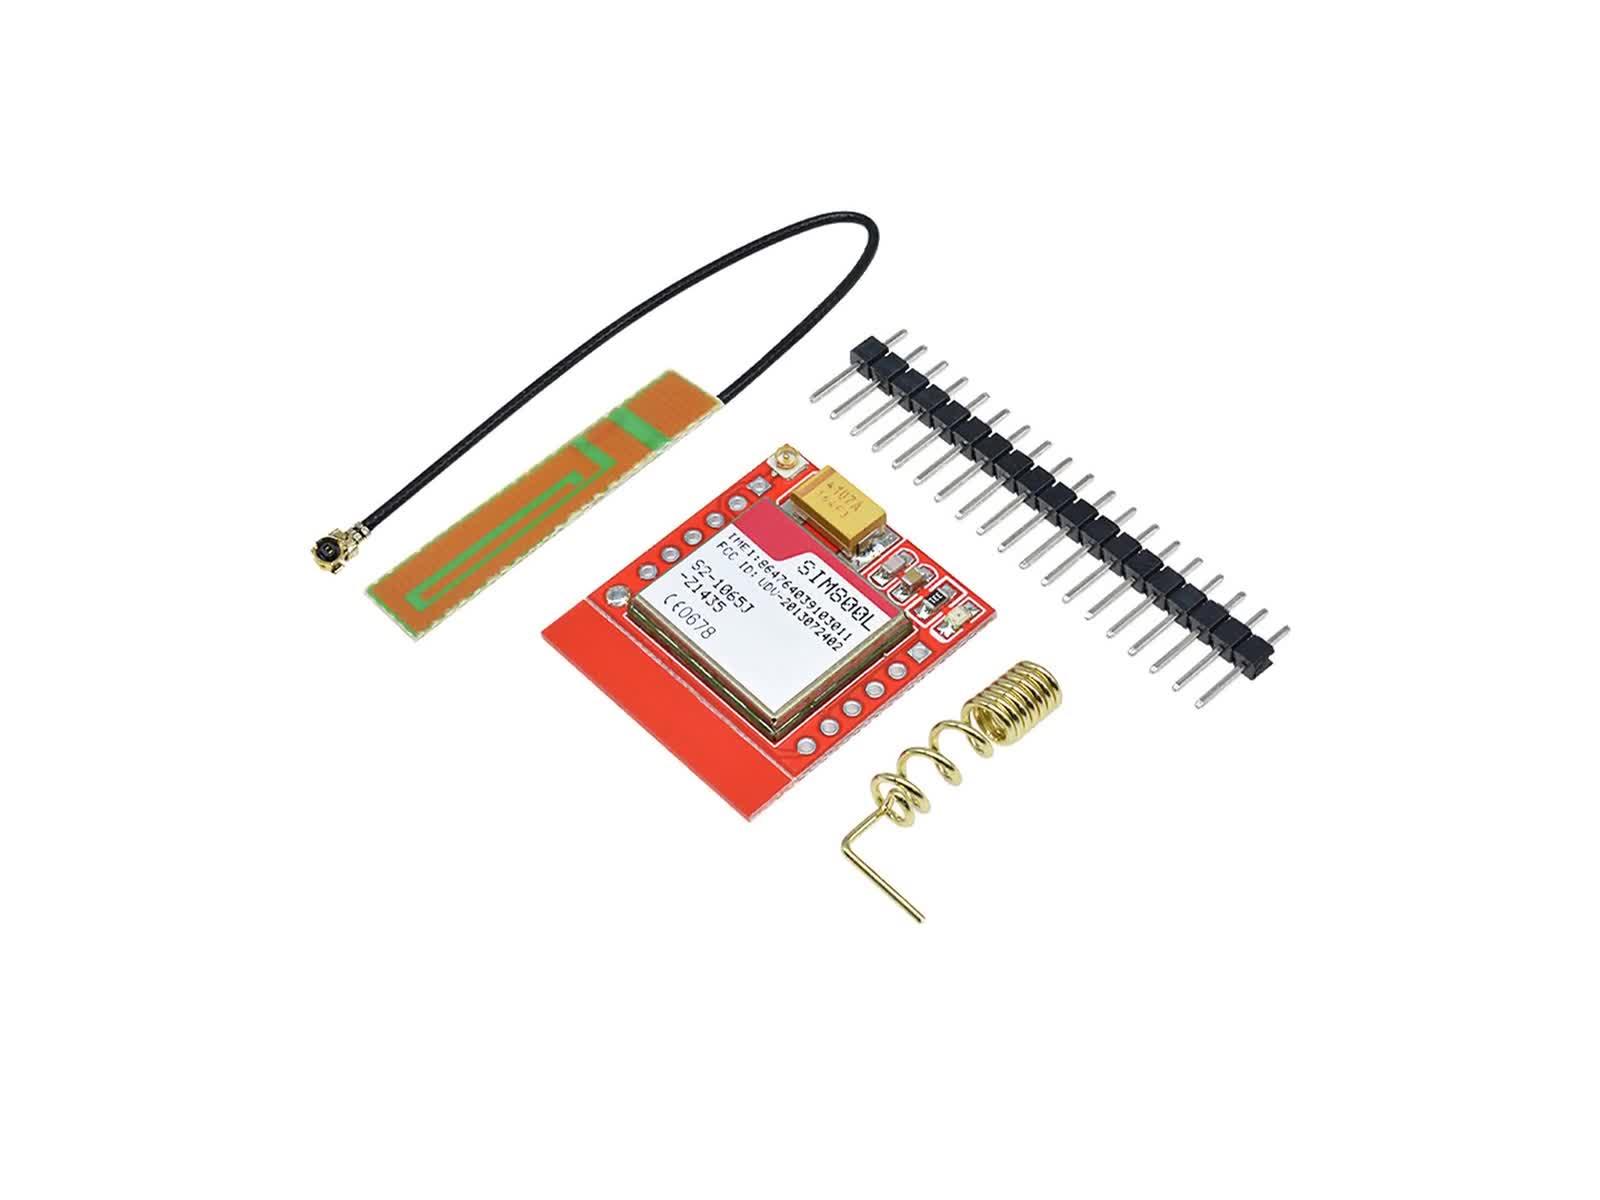 Nhỏ nhất SIM800L GPRS GSM Module Vi Điều Khiển Mô-đun Điện MicroSIM Thẻ Bảng Lõi Quad-band TTL Cổng Nối Tiếp và PCB antenna